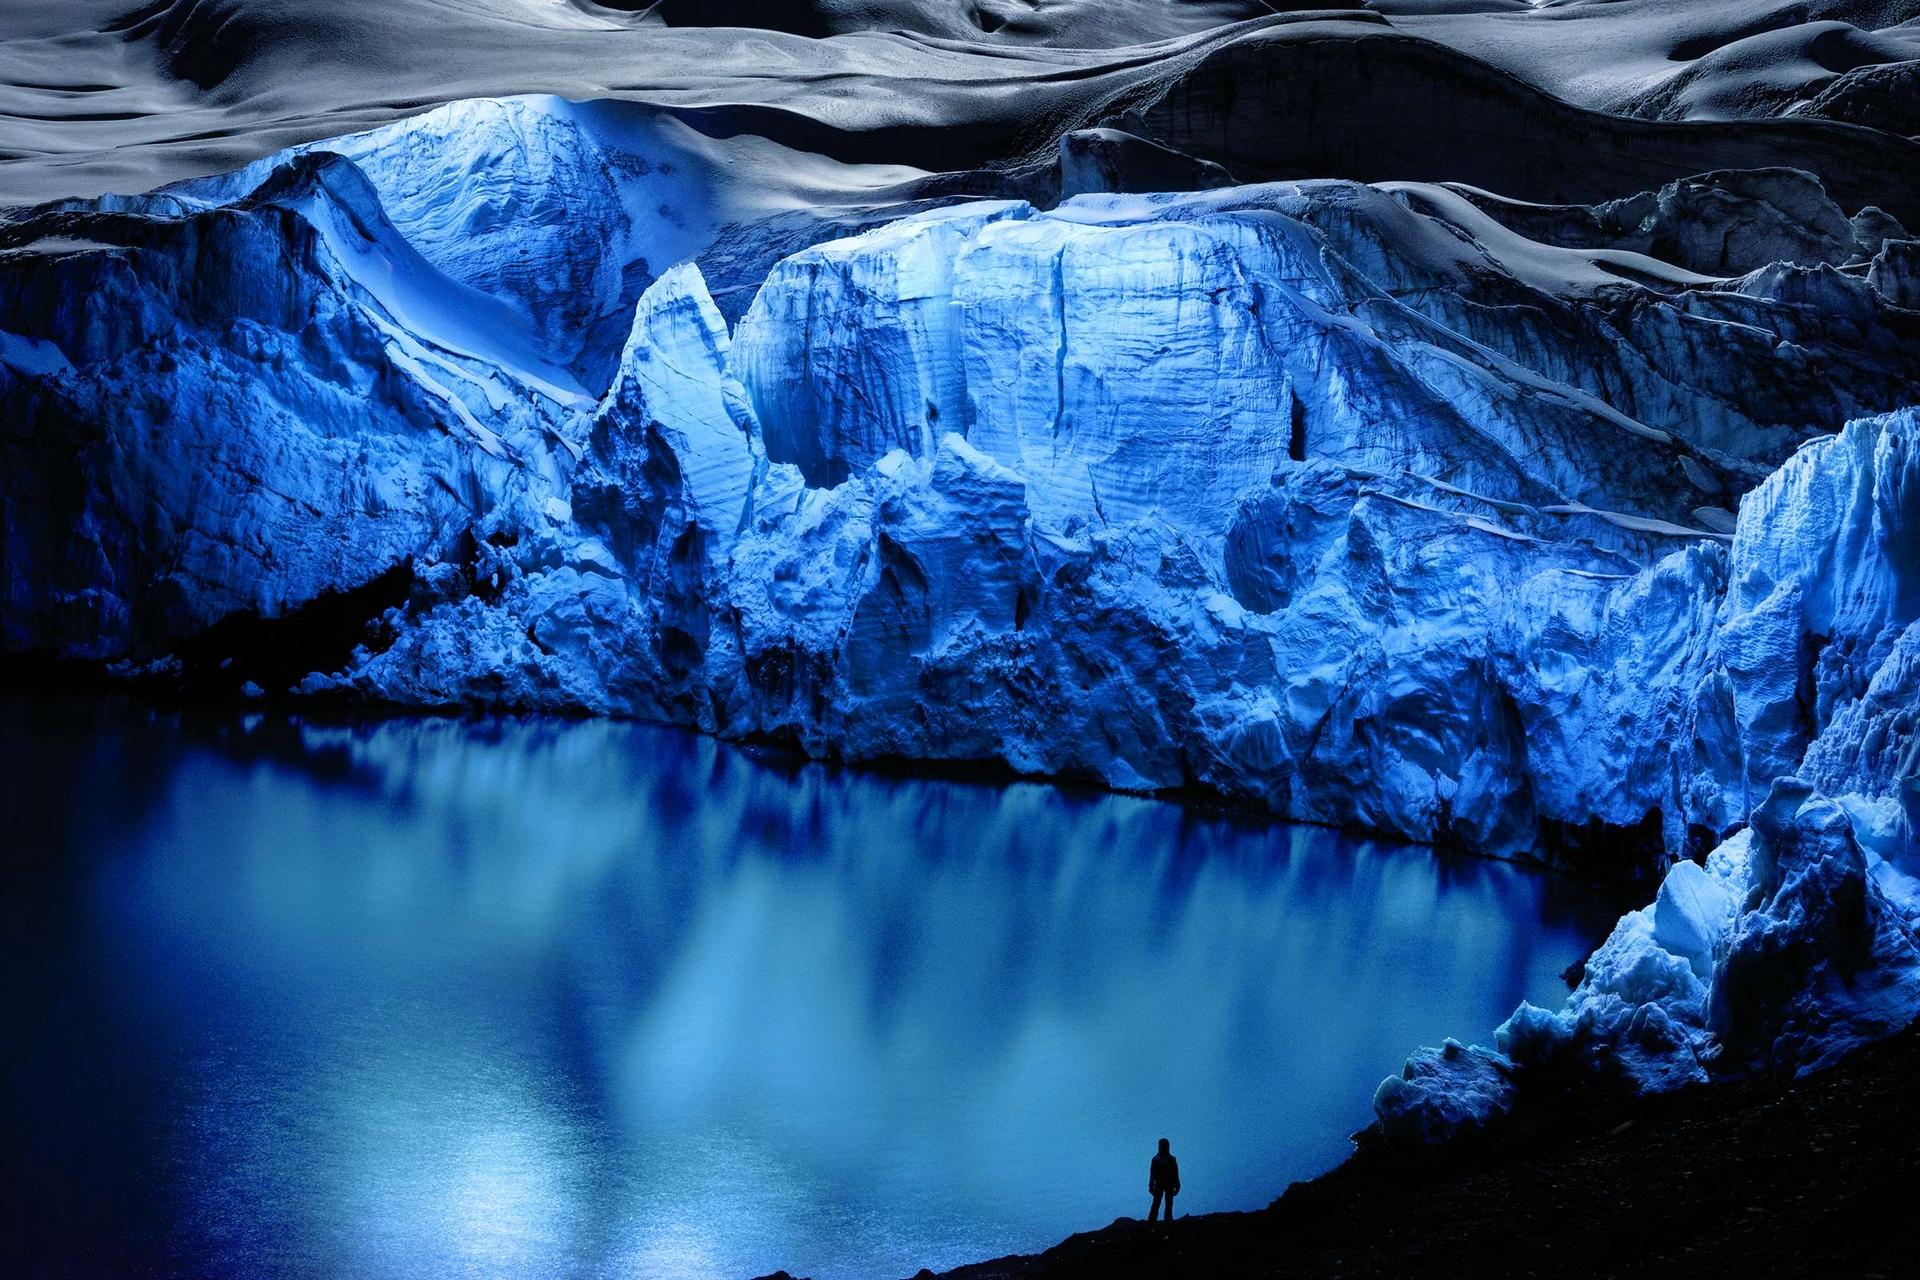 吳鴻淋使用裝在空拍機上的燈,戲劇性地照亮祕魯布蘭卡山脈的帕斯托魯尼冰河,創作出這幅影像。攝影:吳鴻淋